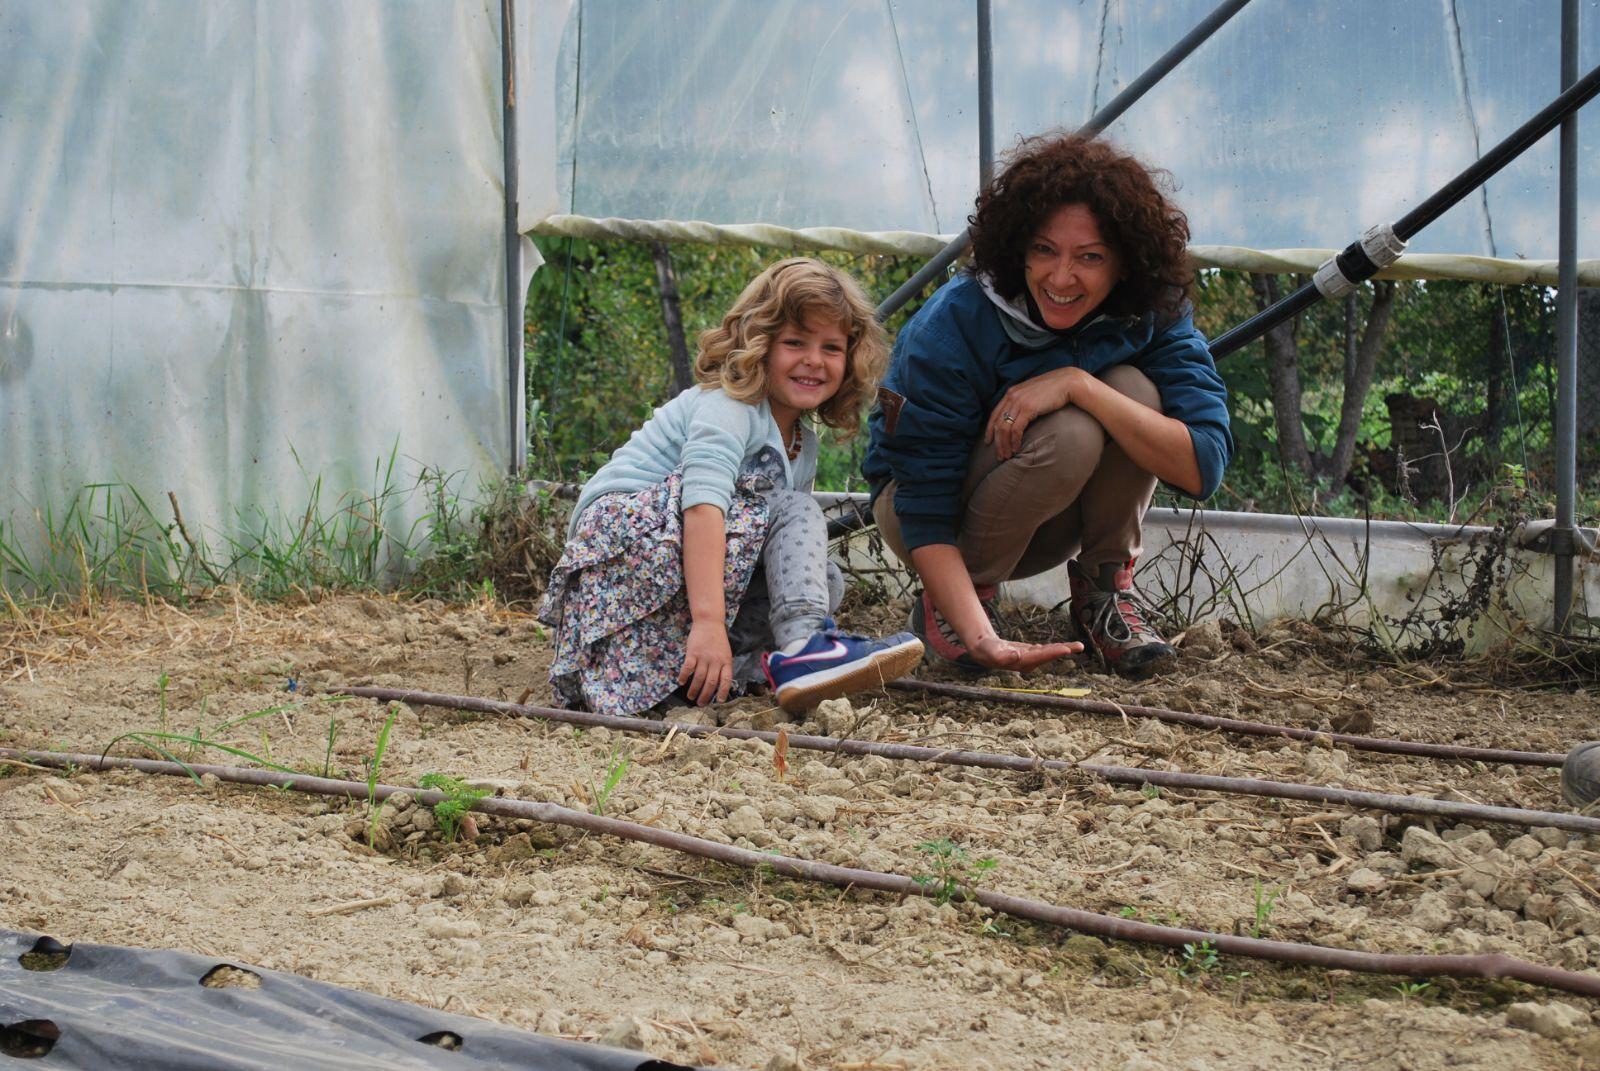 Viticoltura biodinamica, una soluzione che arriva dalla terra. Intervista a Cristina Marello